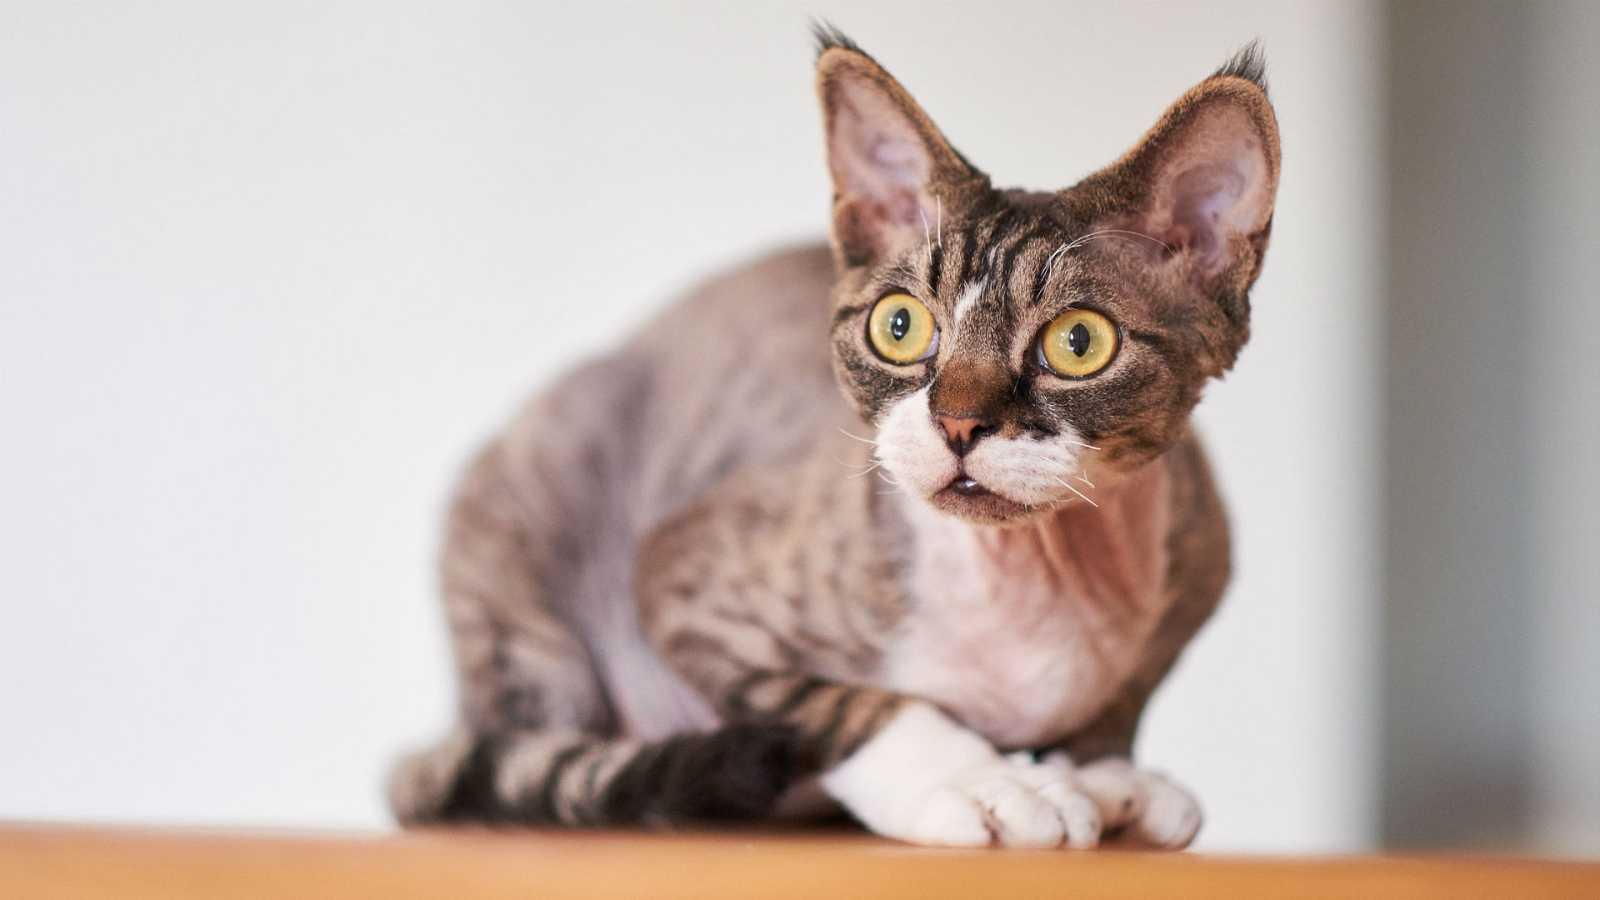 El arca de Noé - Alopecia en gatos - 06/04/20 - escuchar ahora